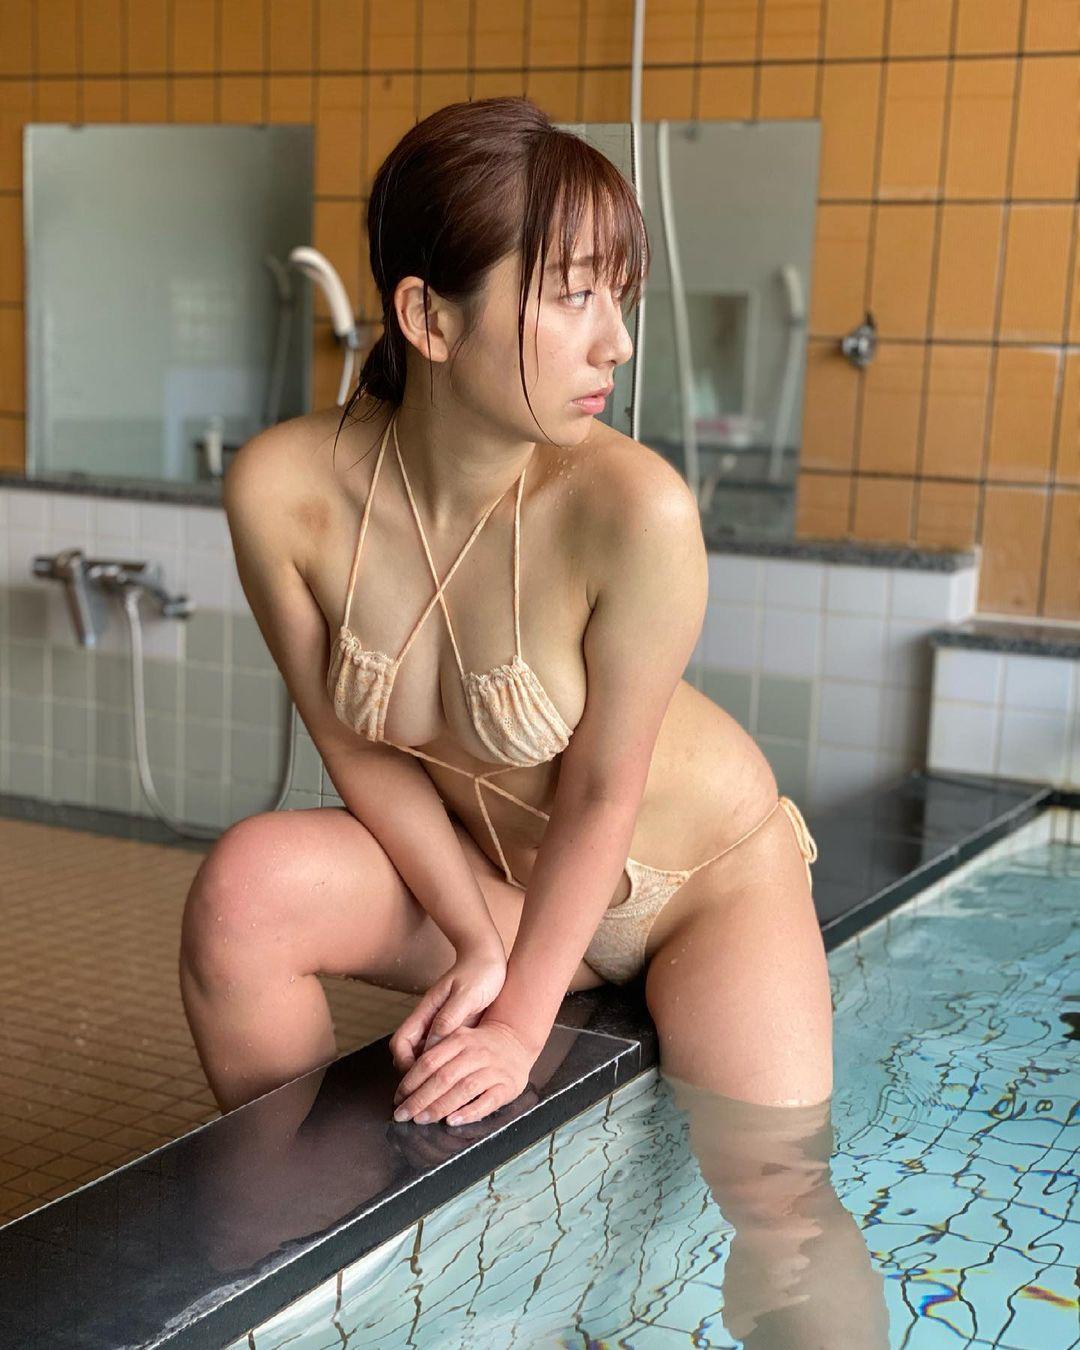 「えちむち。」セクシーお風呂グラビアショットを公開【足立華さん/2021年4月13日】